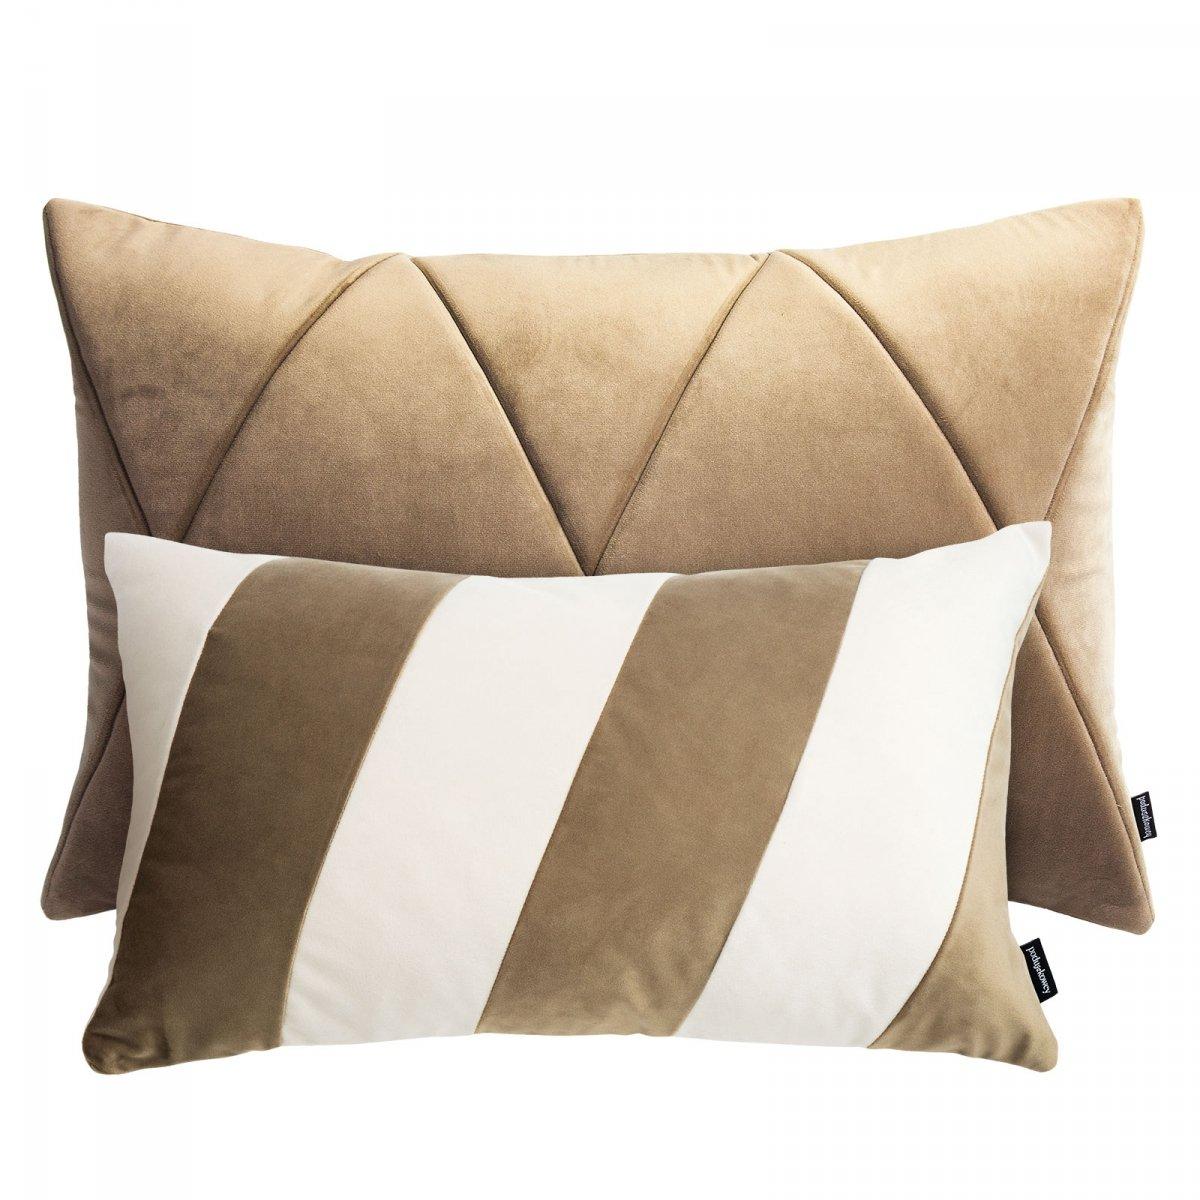 Beżowy zestaw poduszek dekoracyjnych Touch + Stripes